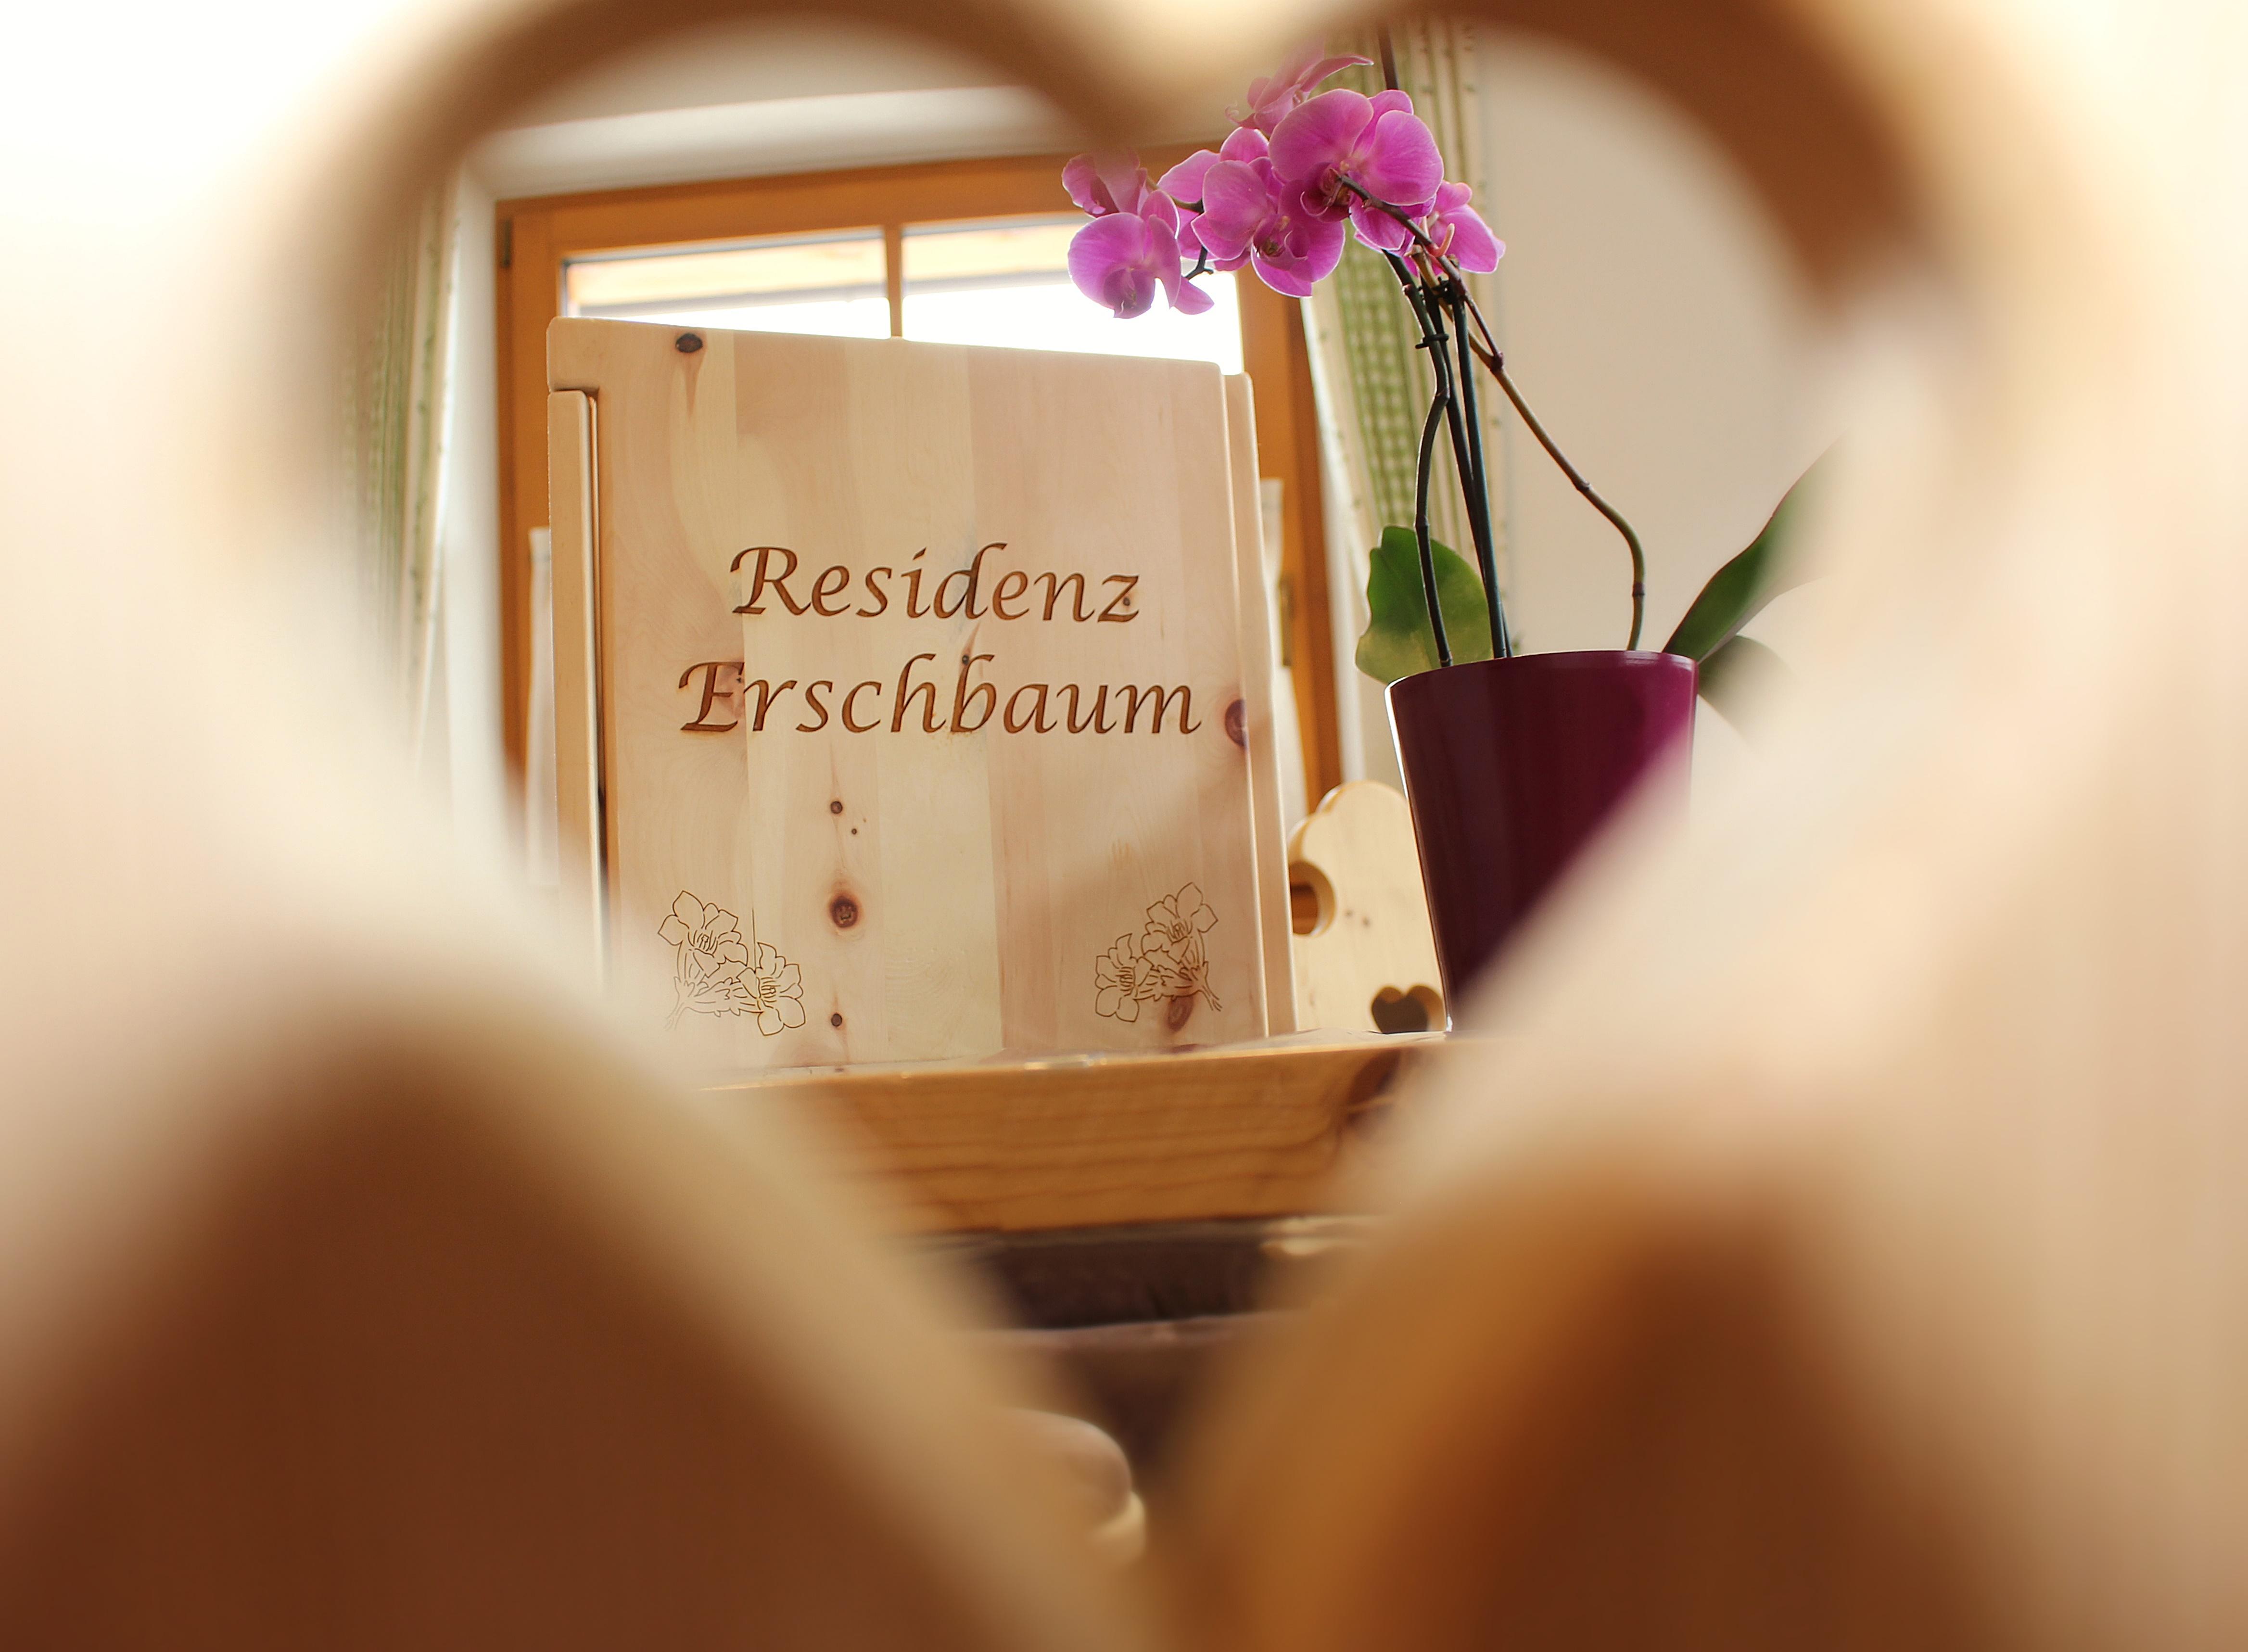 Residenz Erschbaum Herz